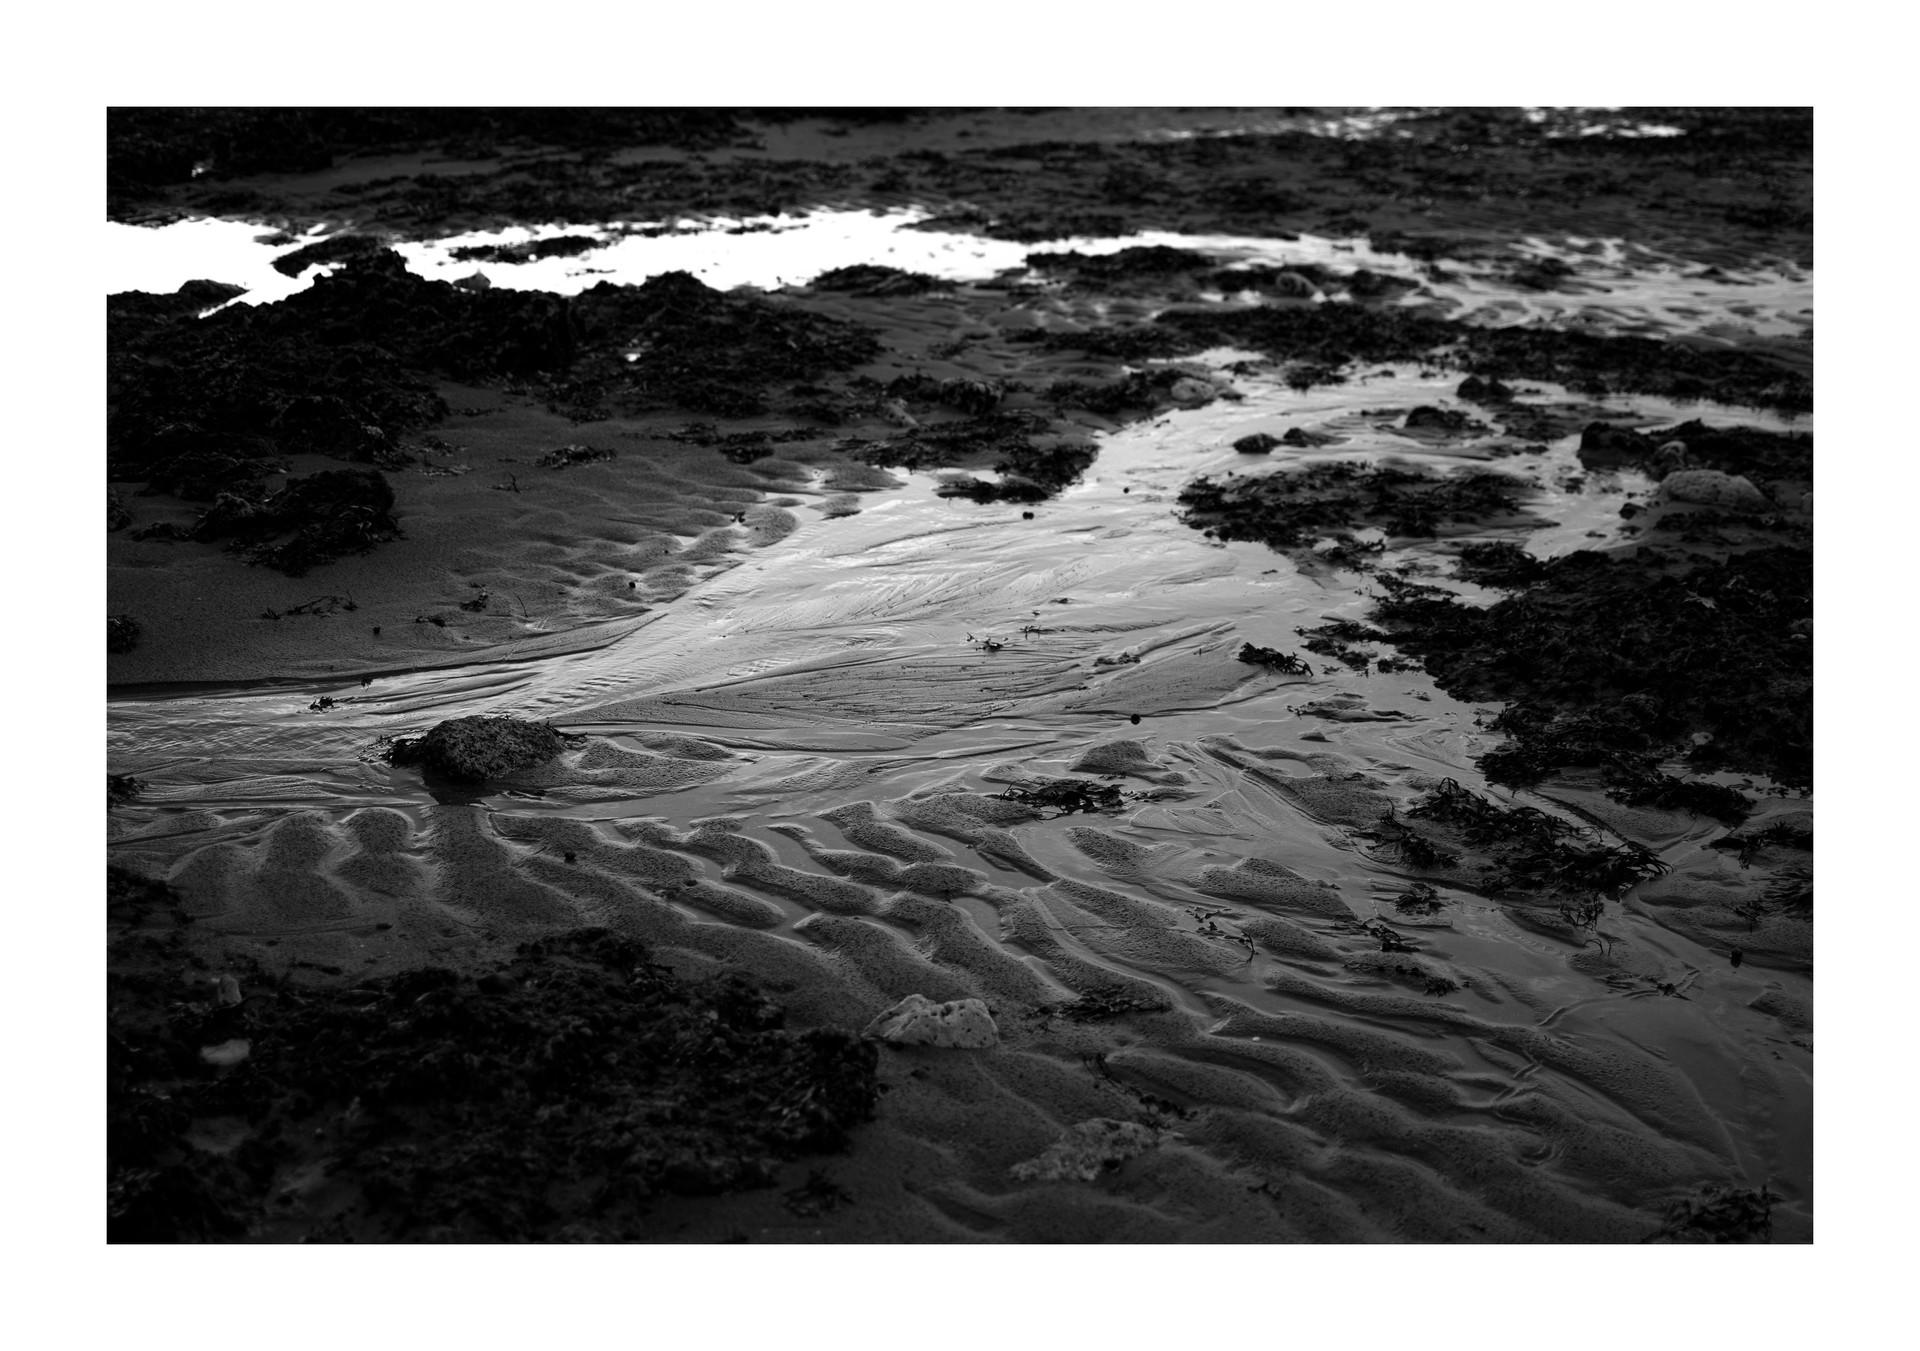 Sand - Botany bay, 2020